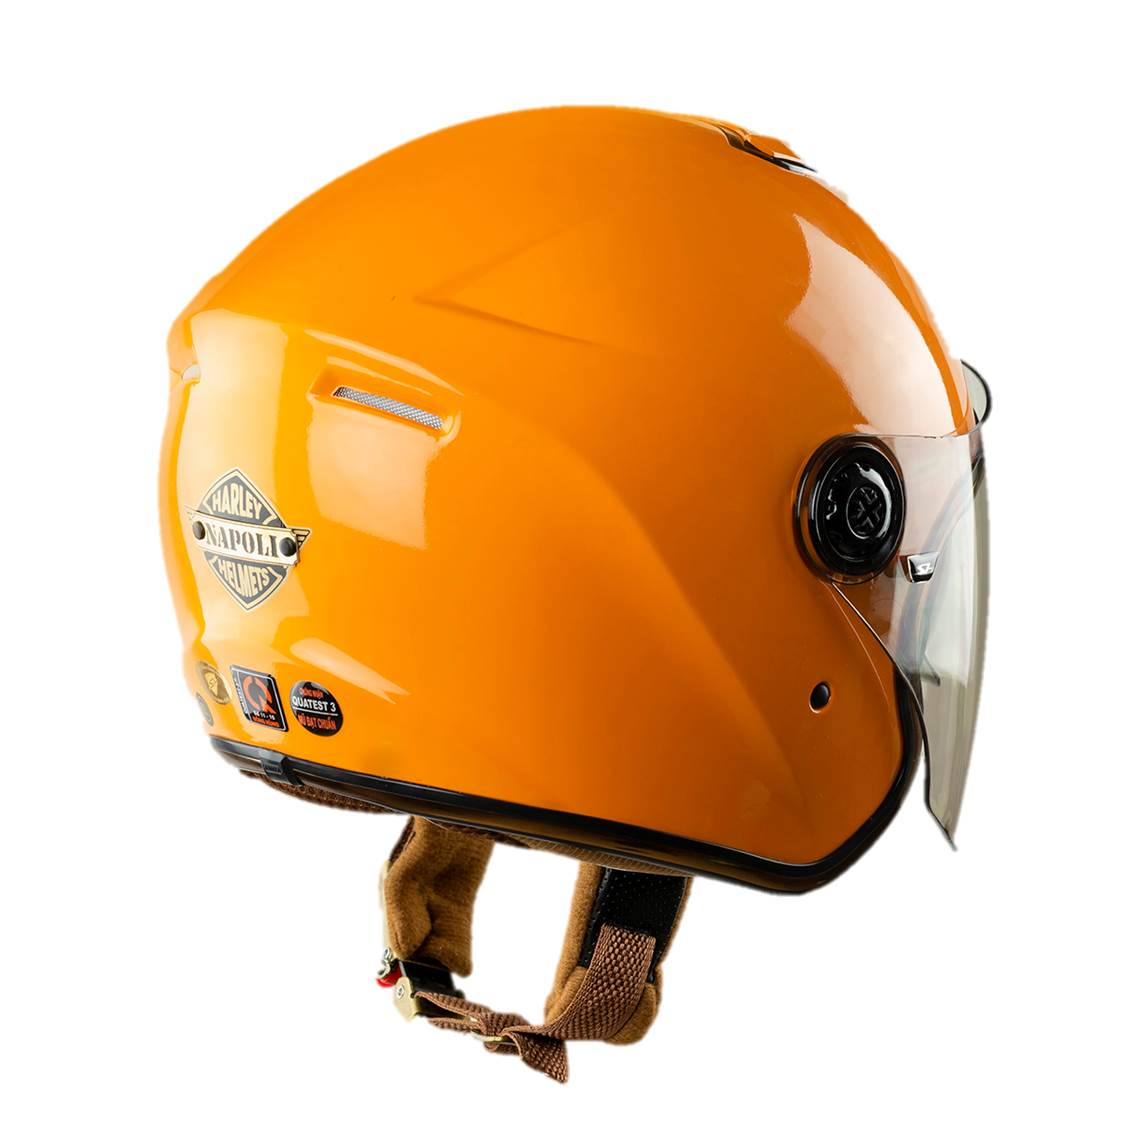 Mũ bảo hiểm ¾ đầu Napoli N125 Màu Cam Hai Kính đi được cả ngày và đêm - Free size 57 - 60cm